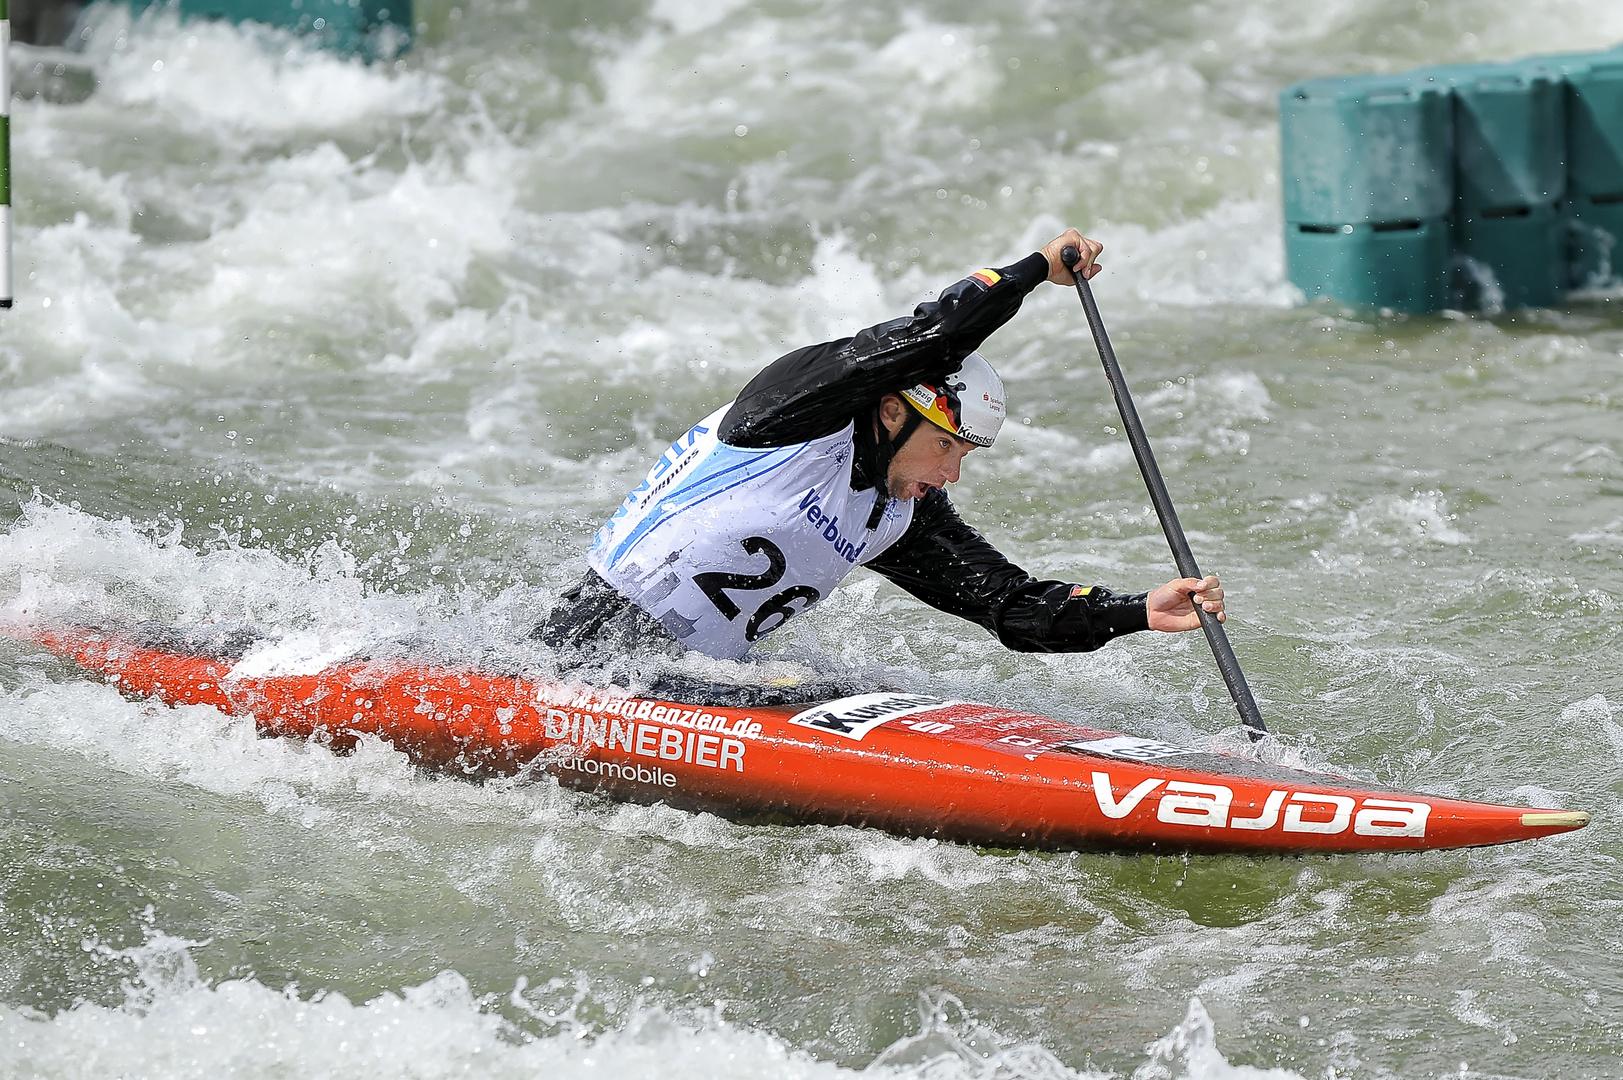 02 Wildwasser Kanu-Europameisterschaft Verbund Wasserarena Wien